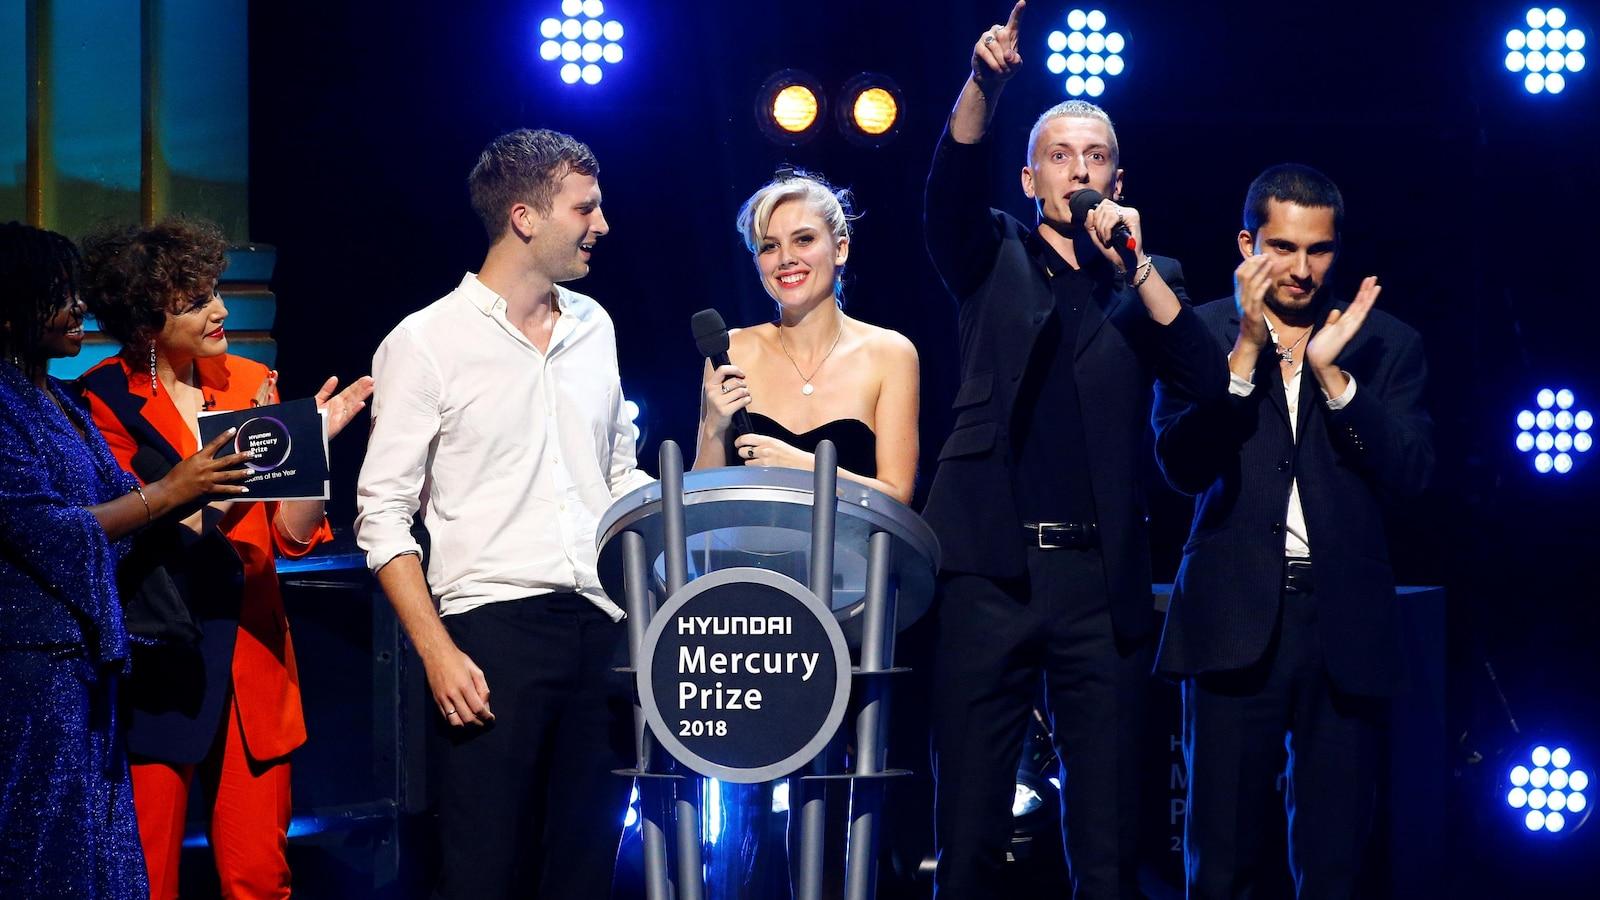 Six personnes sont sur scène dont les quatre membres du groupe qui sourient, applaudissent et lèvent la main.